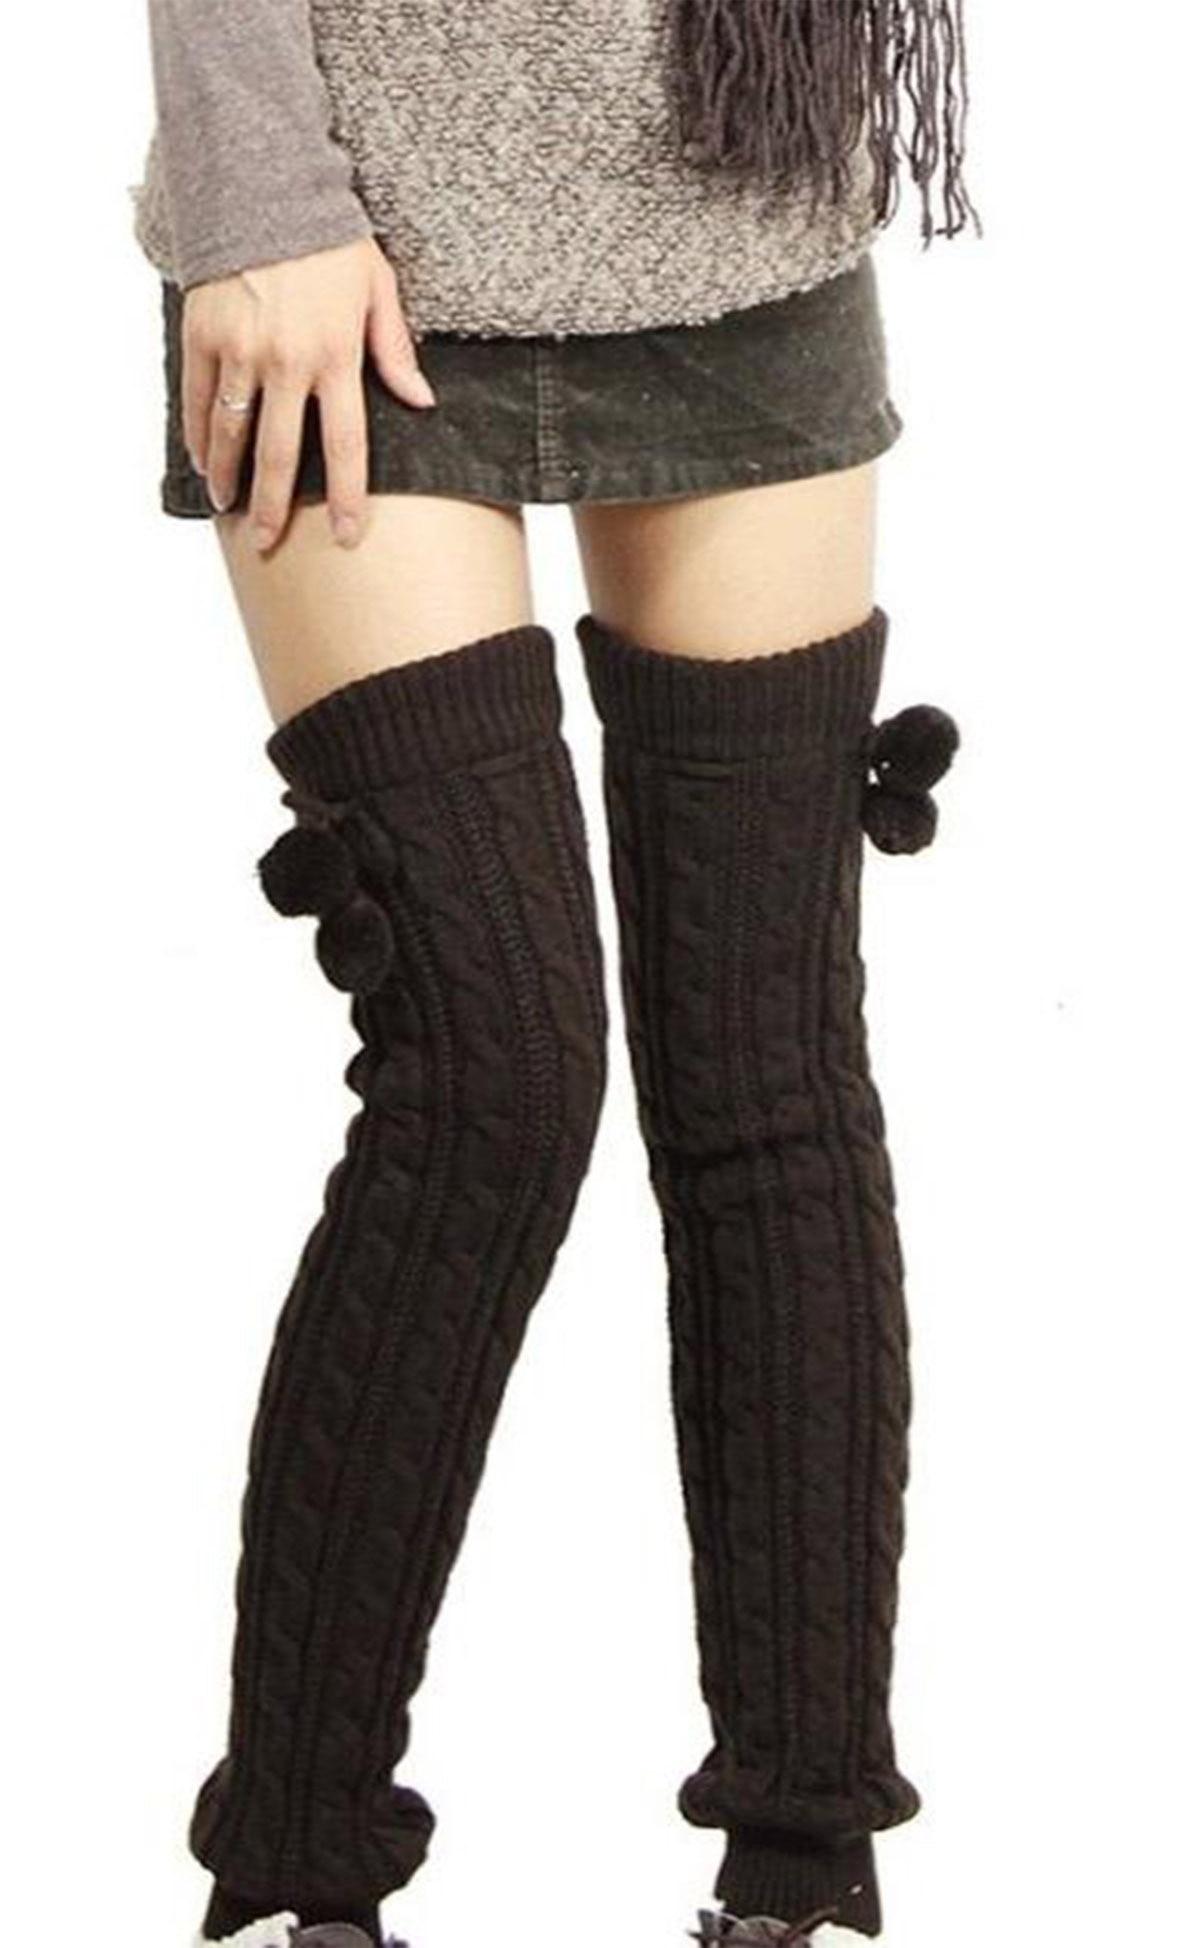 Подкладки, сапоги, высокие чулки, зимние вязаные чулки, гетры без ног, чулки до бедра, Лидер продаж